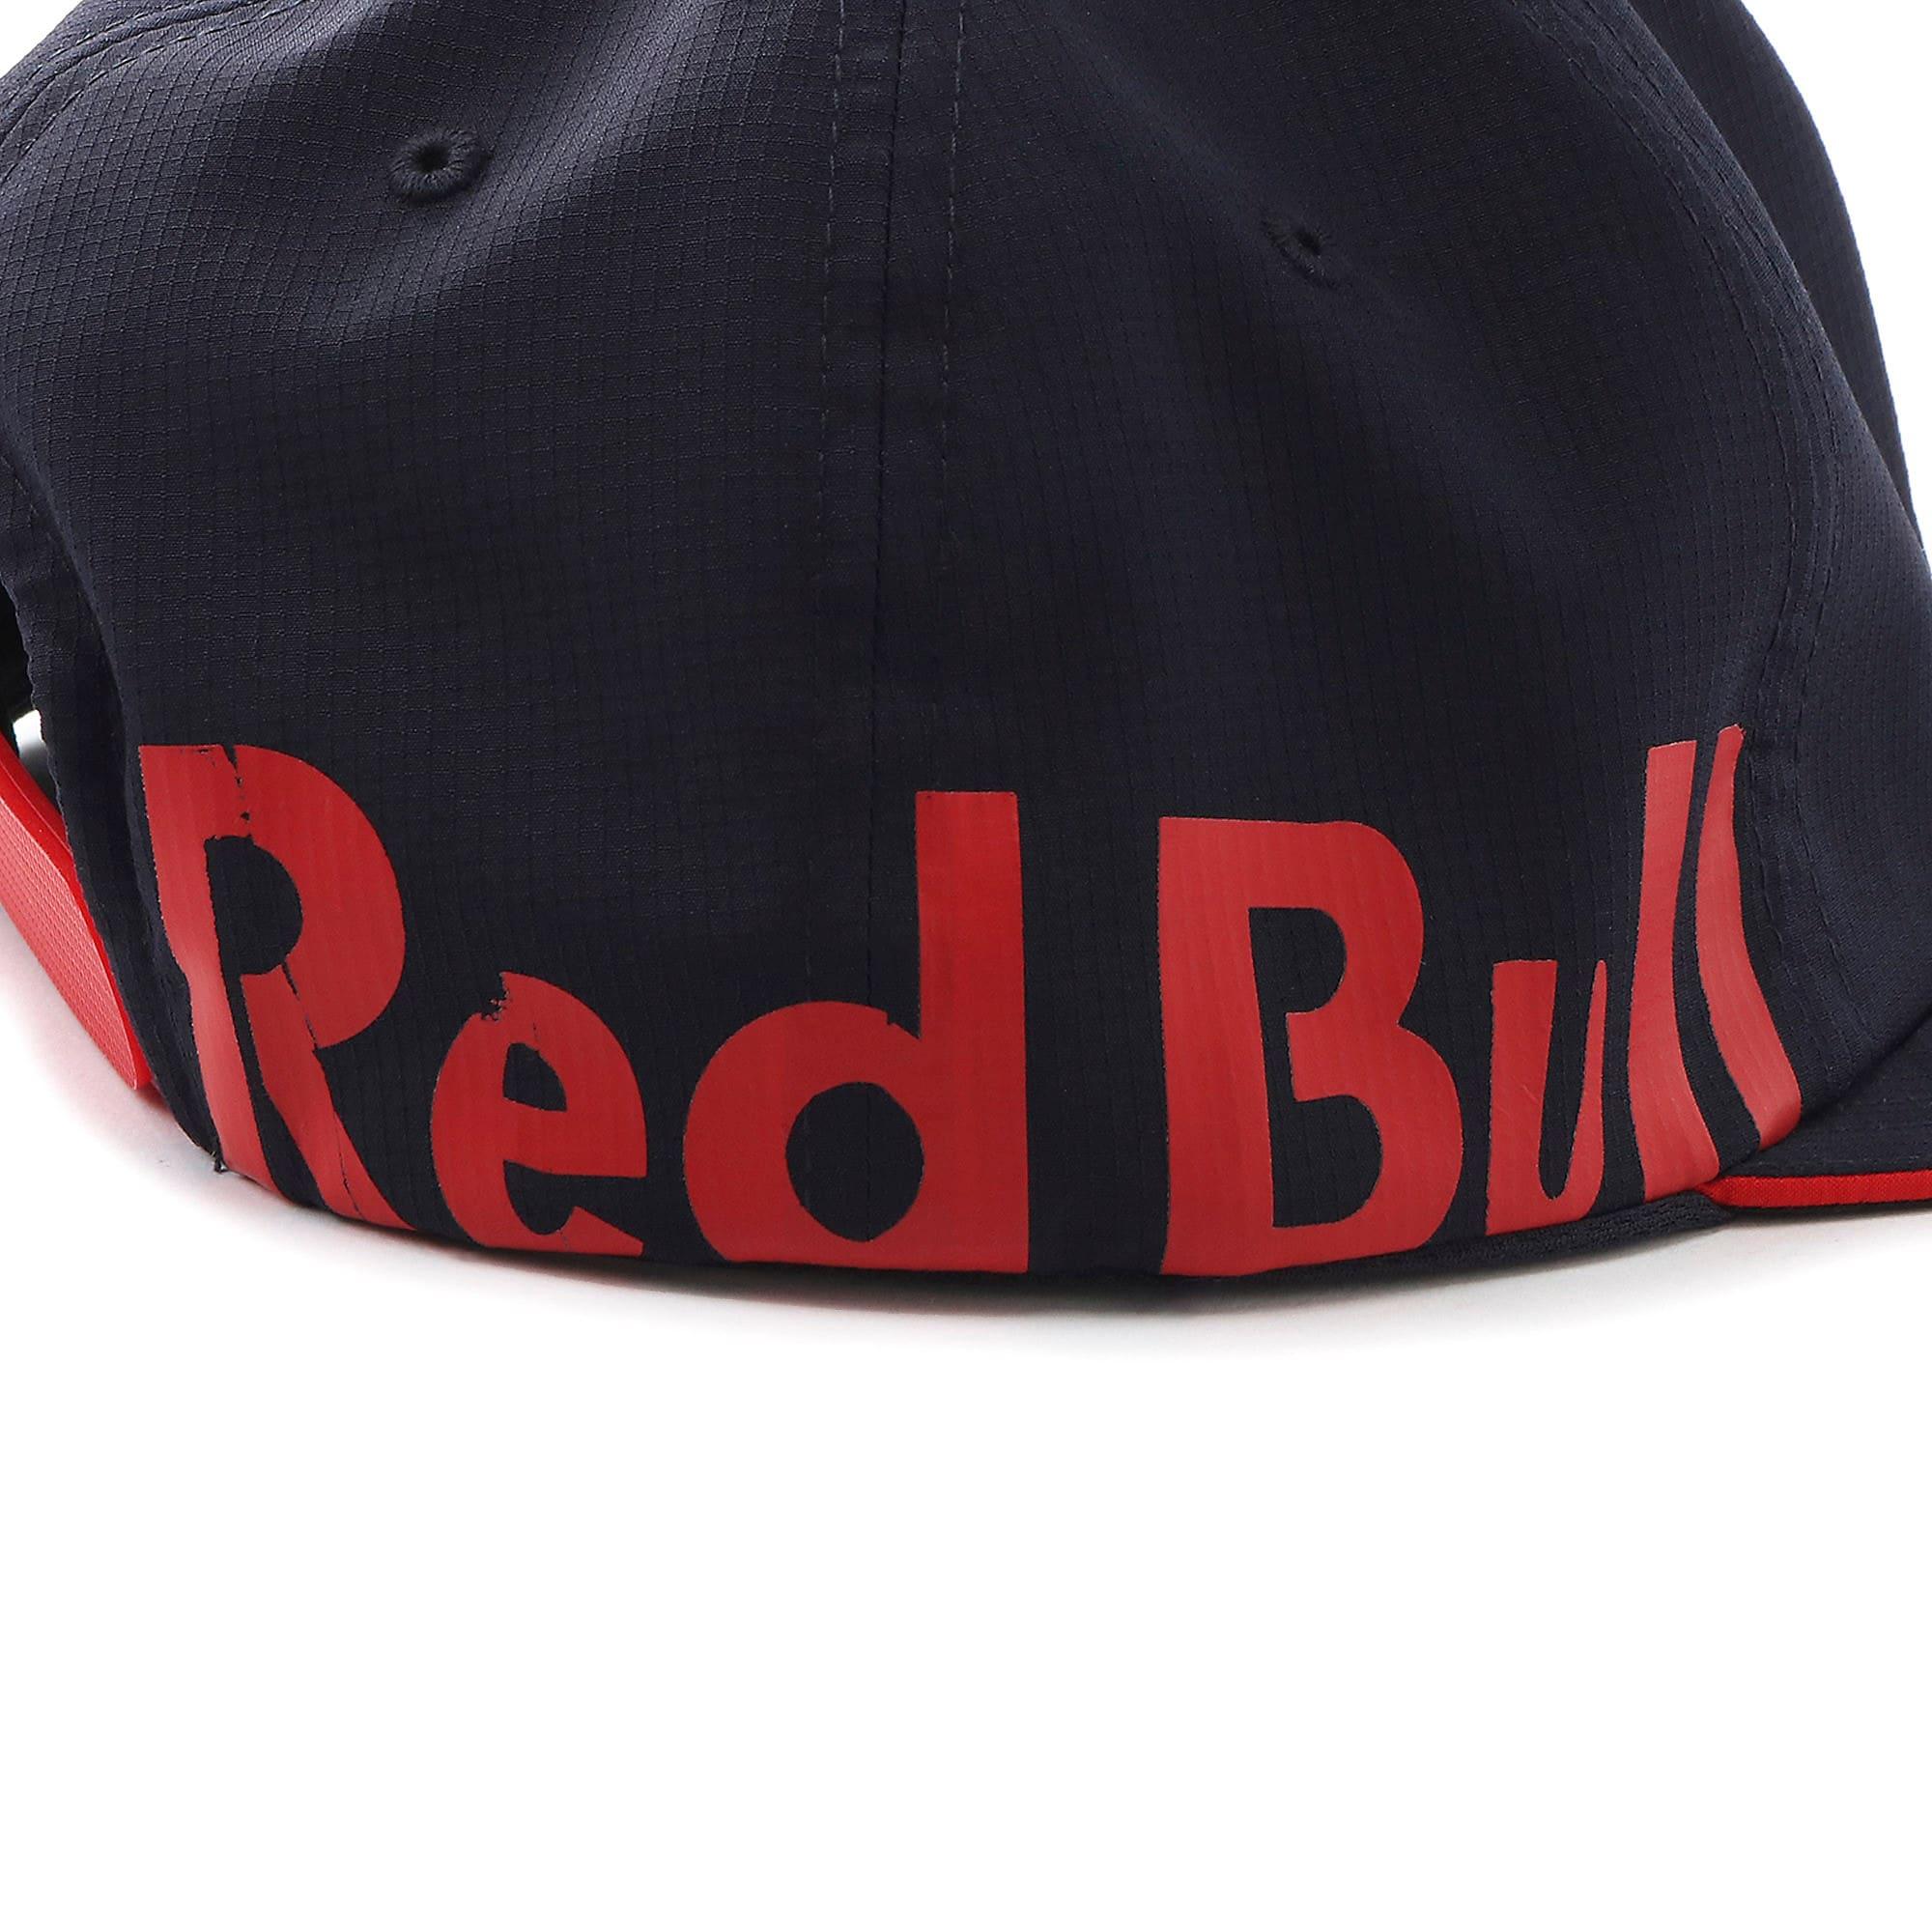 Thumbnail 7 of RED BULL RACING ライフスタイル フラットブリム キャップ, NIGHT SKY, medium-JPN